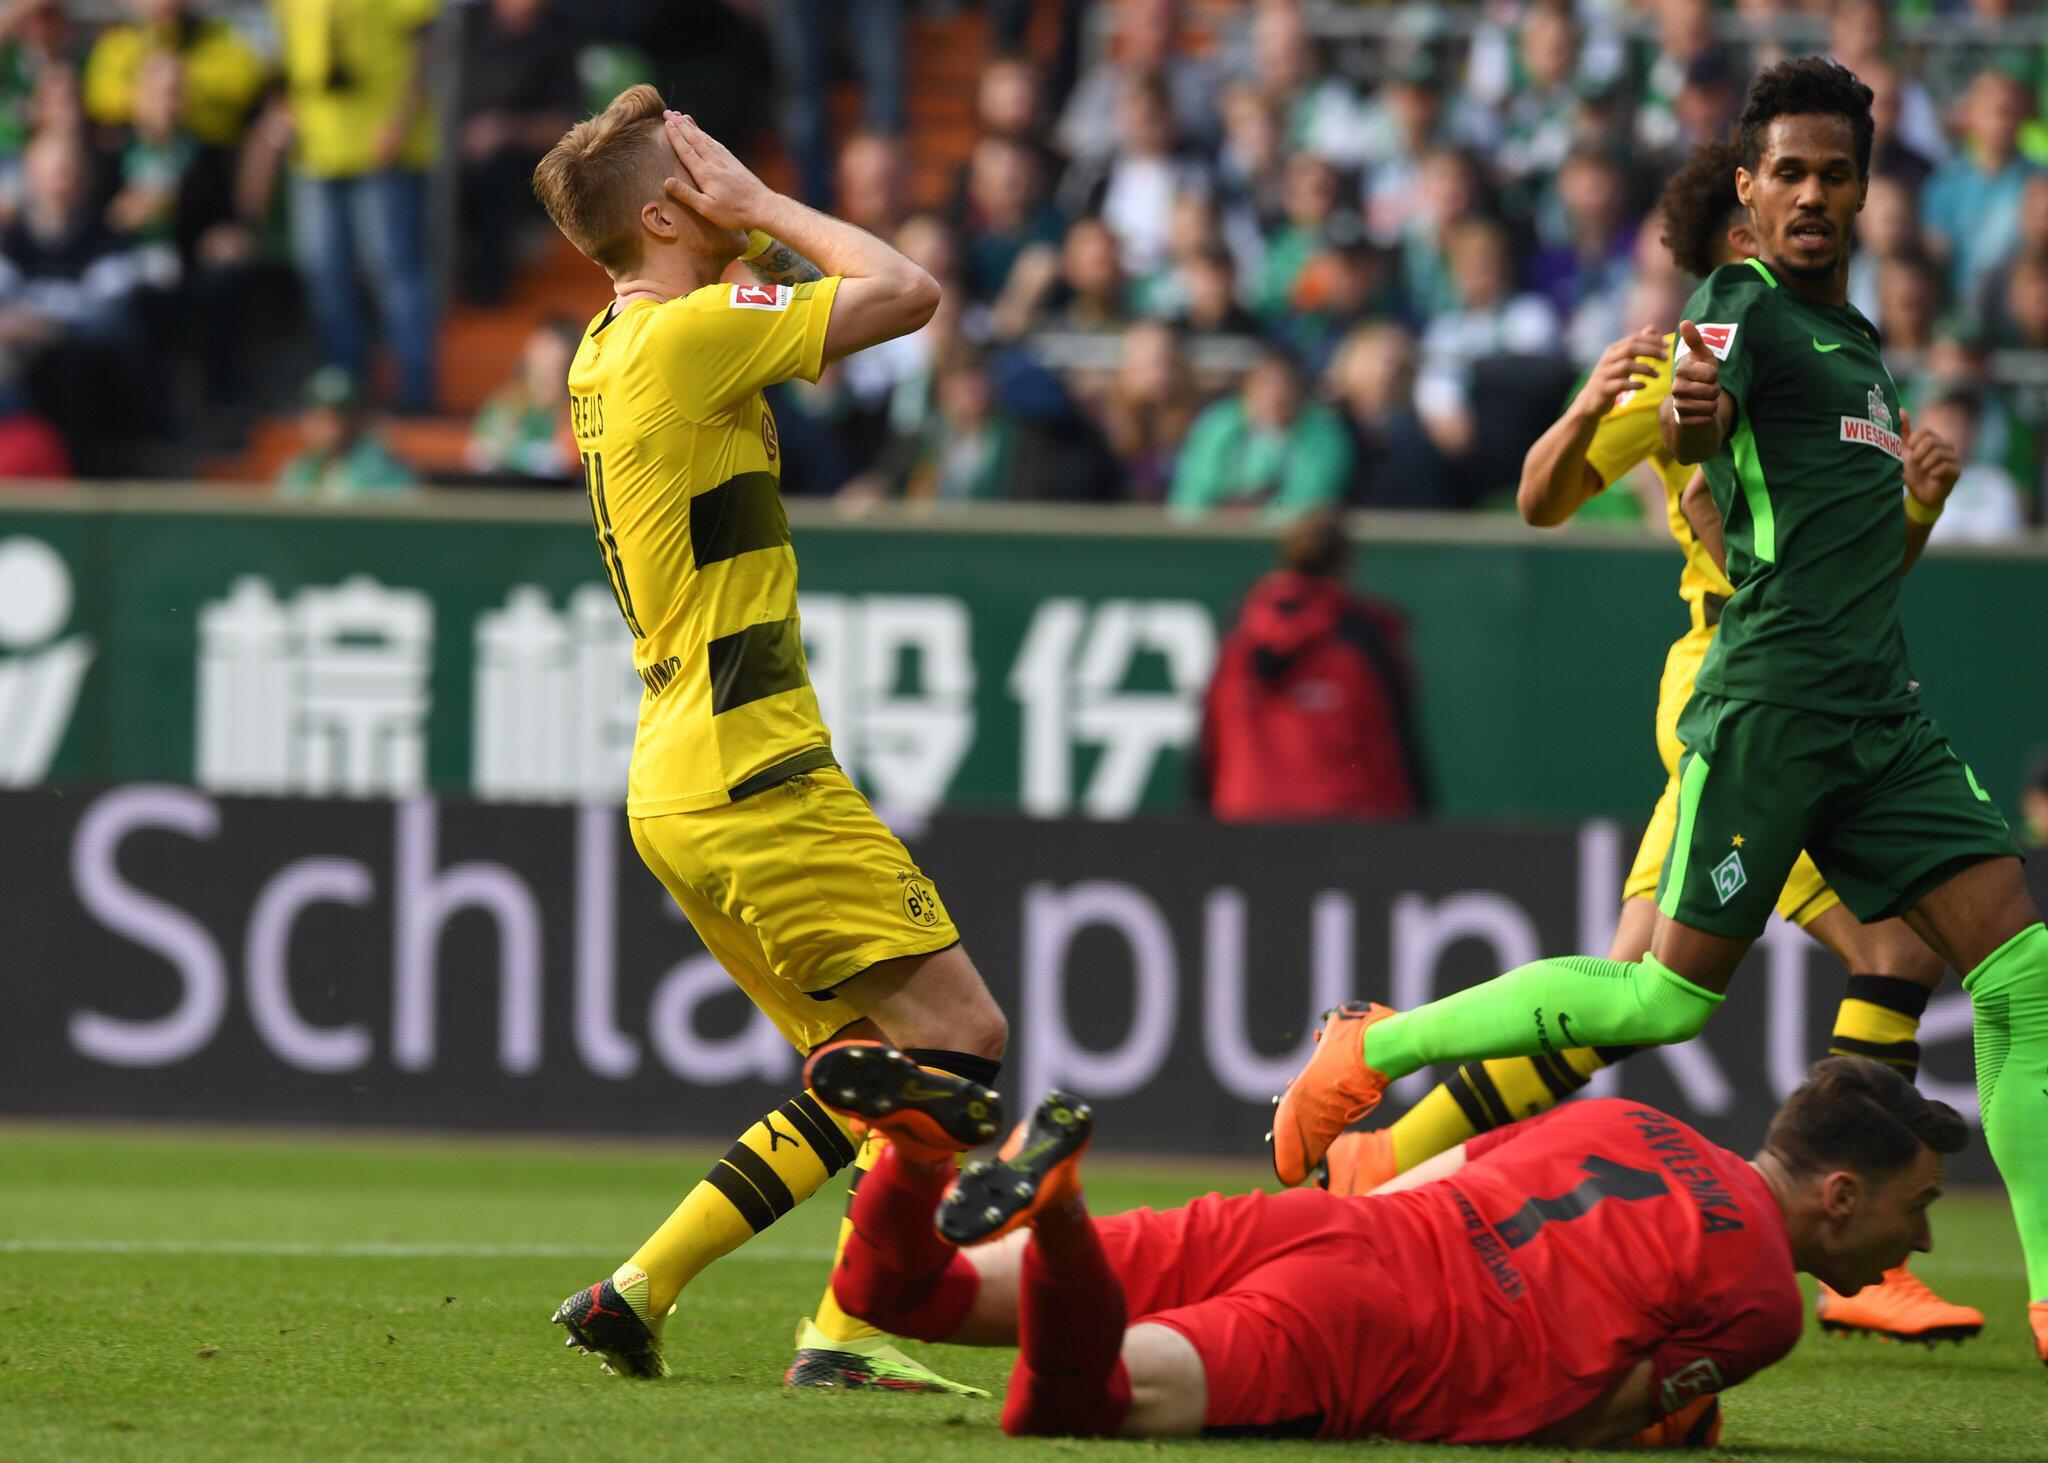 Bild zu Werder Bremen - Borussia Dortmund, Borussia Dortmund, Marco Reus, Bundesliga, 32. Spieltag